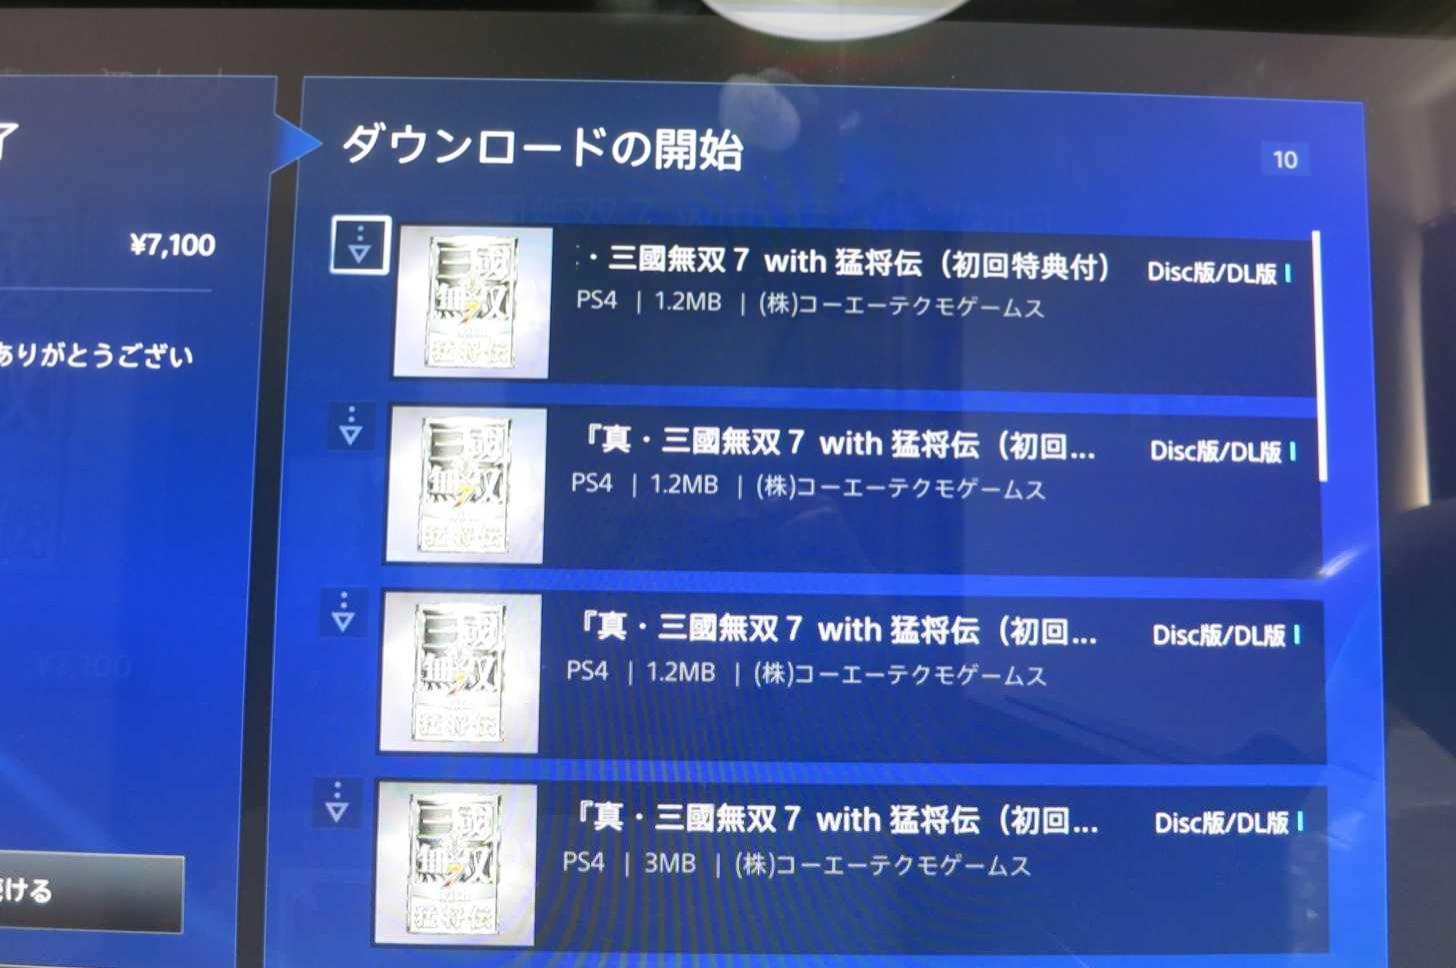 PS4のダウンロード版ゲームがダウンロードされます。